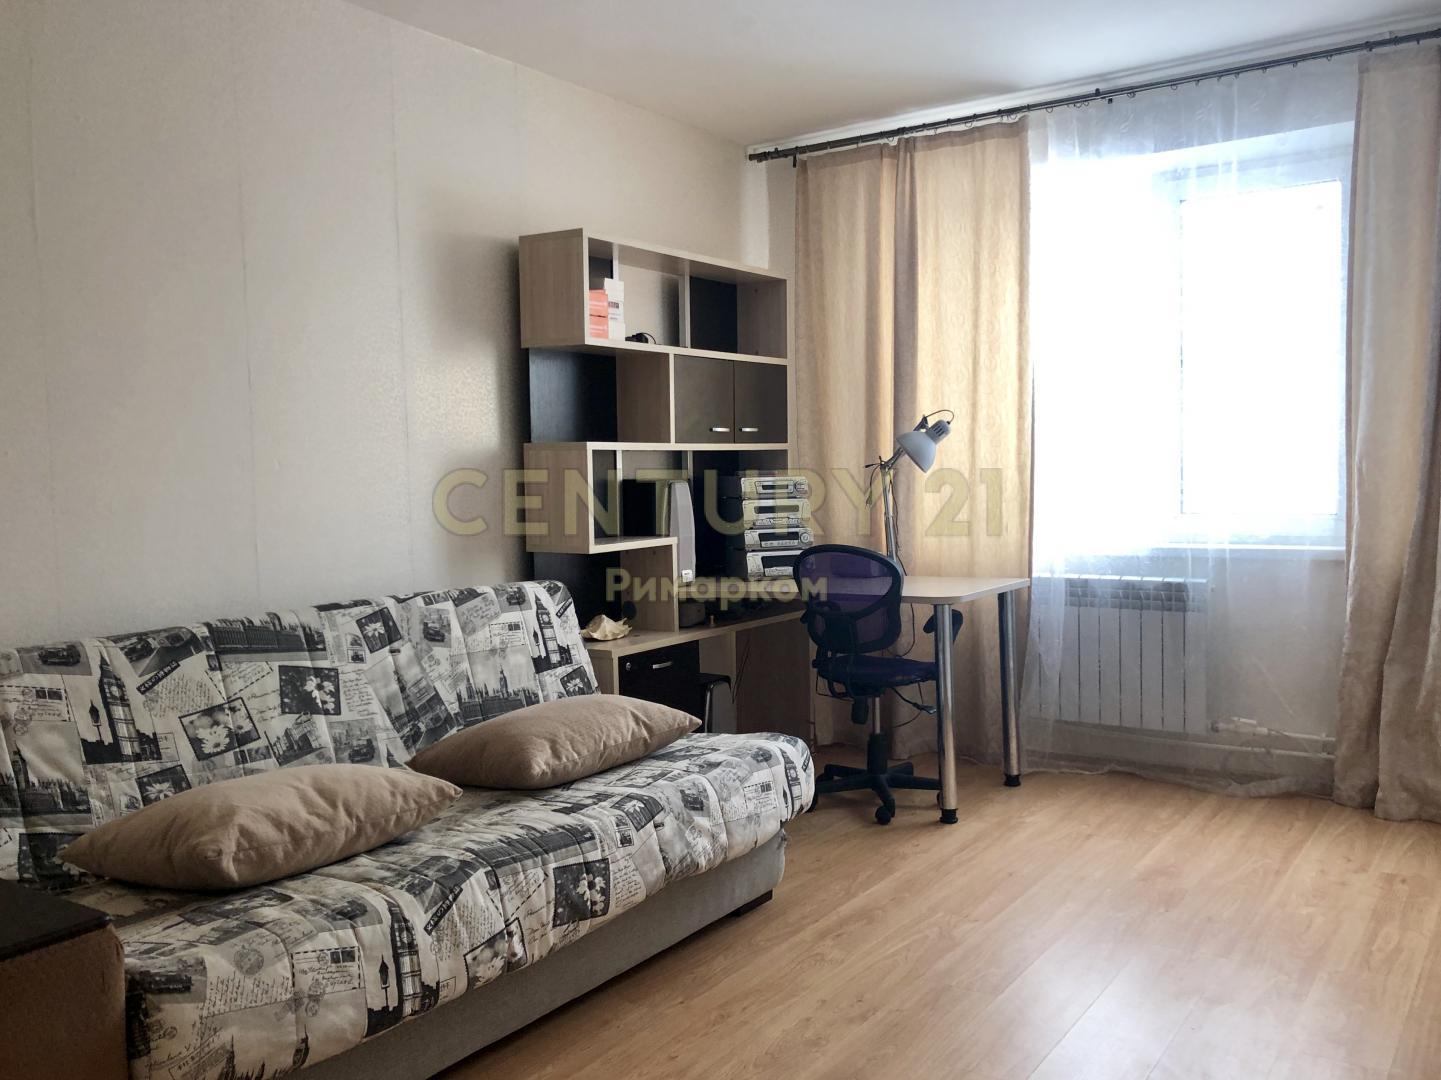 Продается двухкомнатная квартира за 4 000 000 рублей. Московская обл, г Чехов, ул Гагарина, д 102.